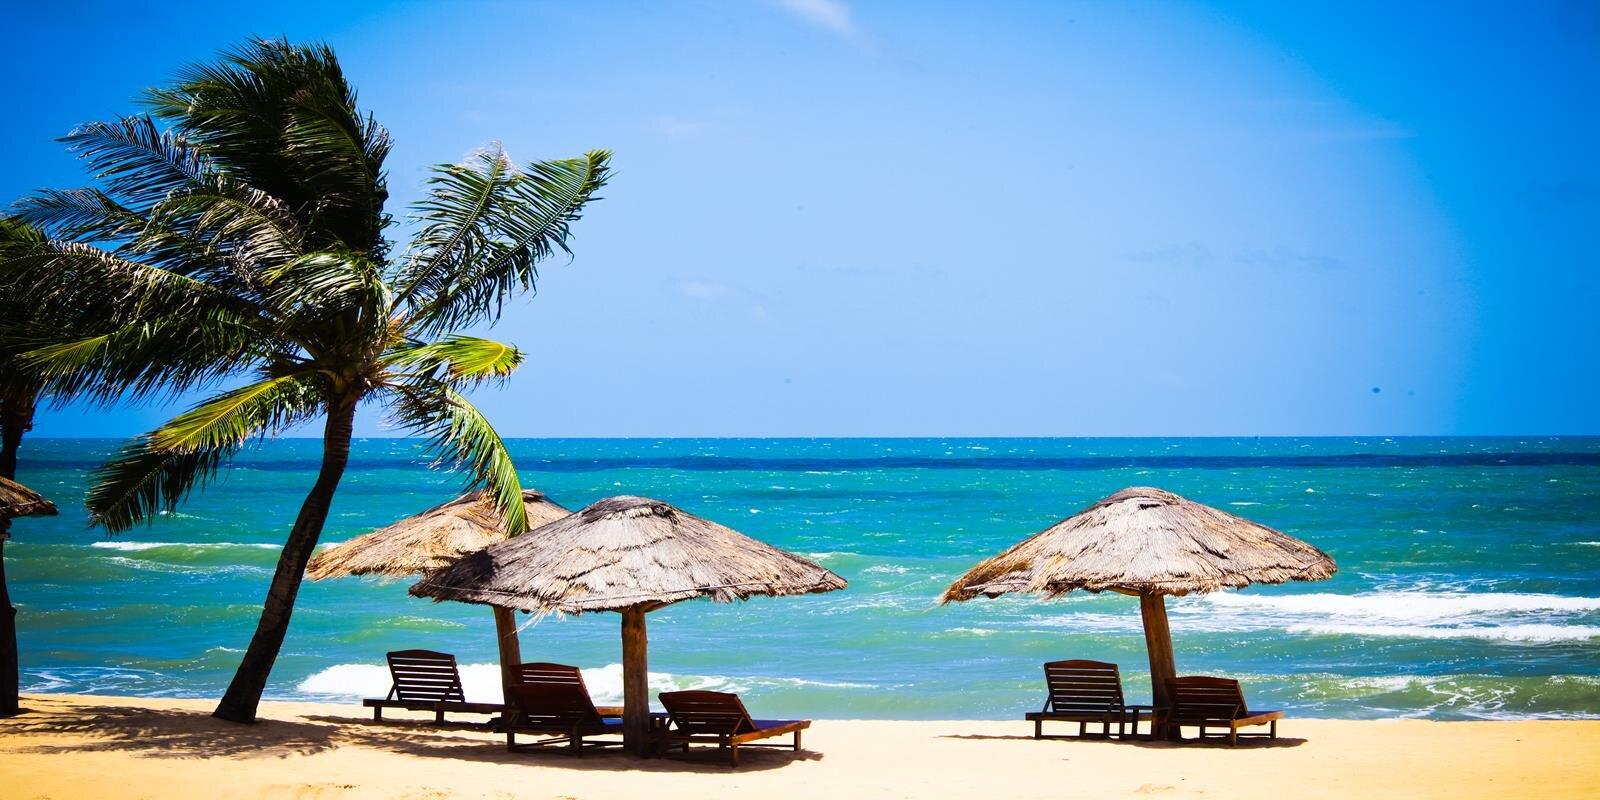 Du lịch Phú Quốc nên đi vào mùa nào trong năm?